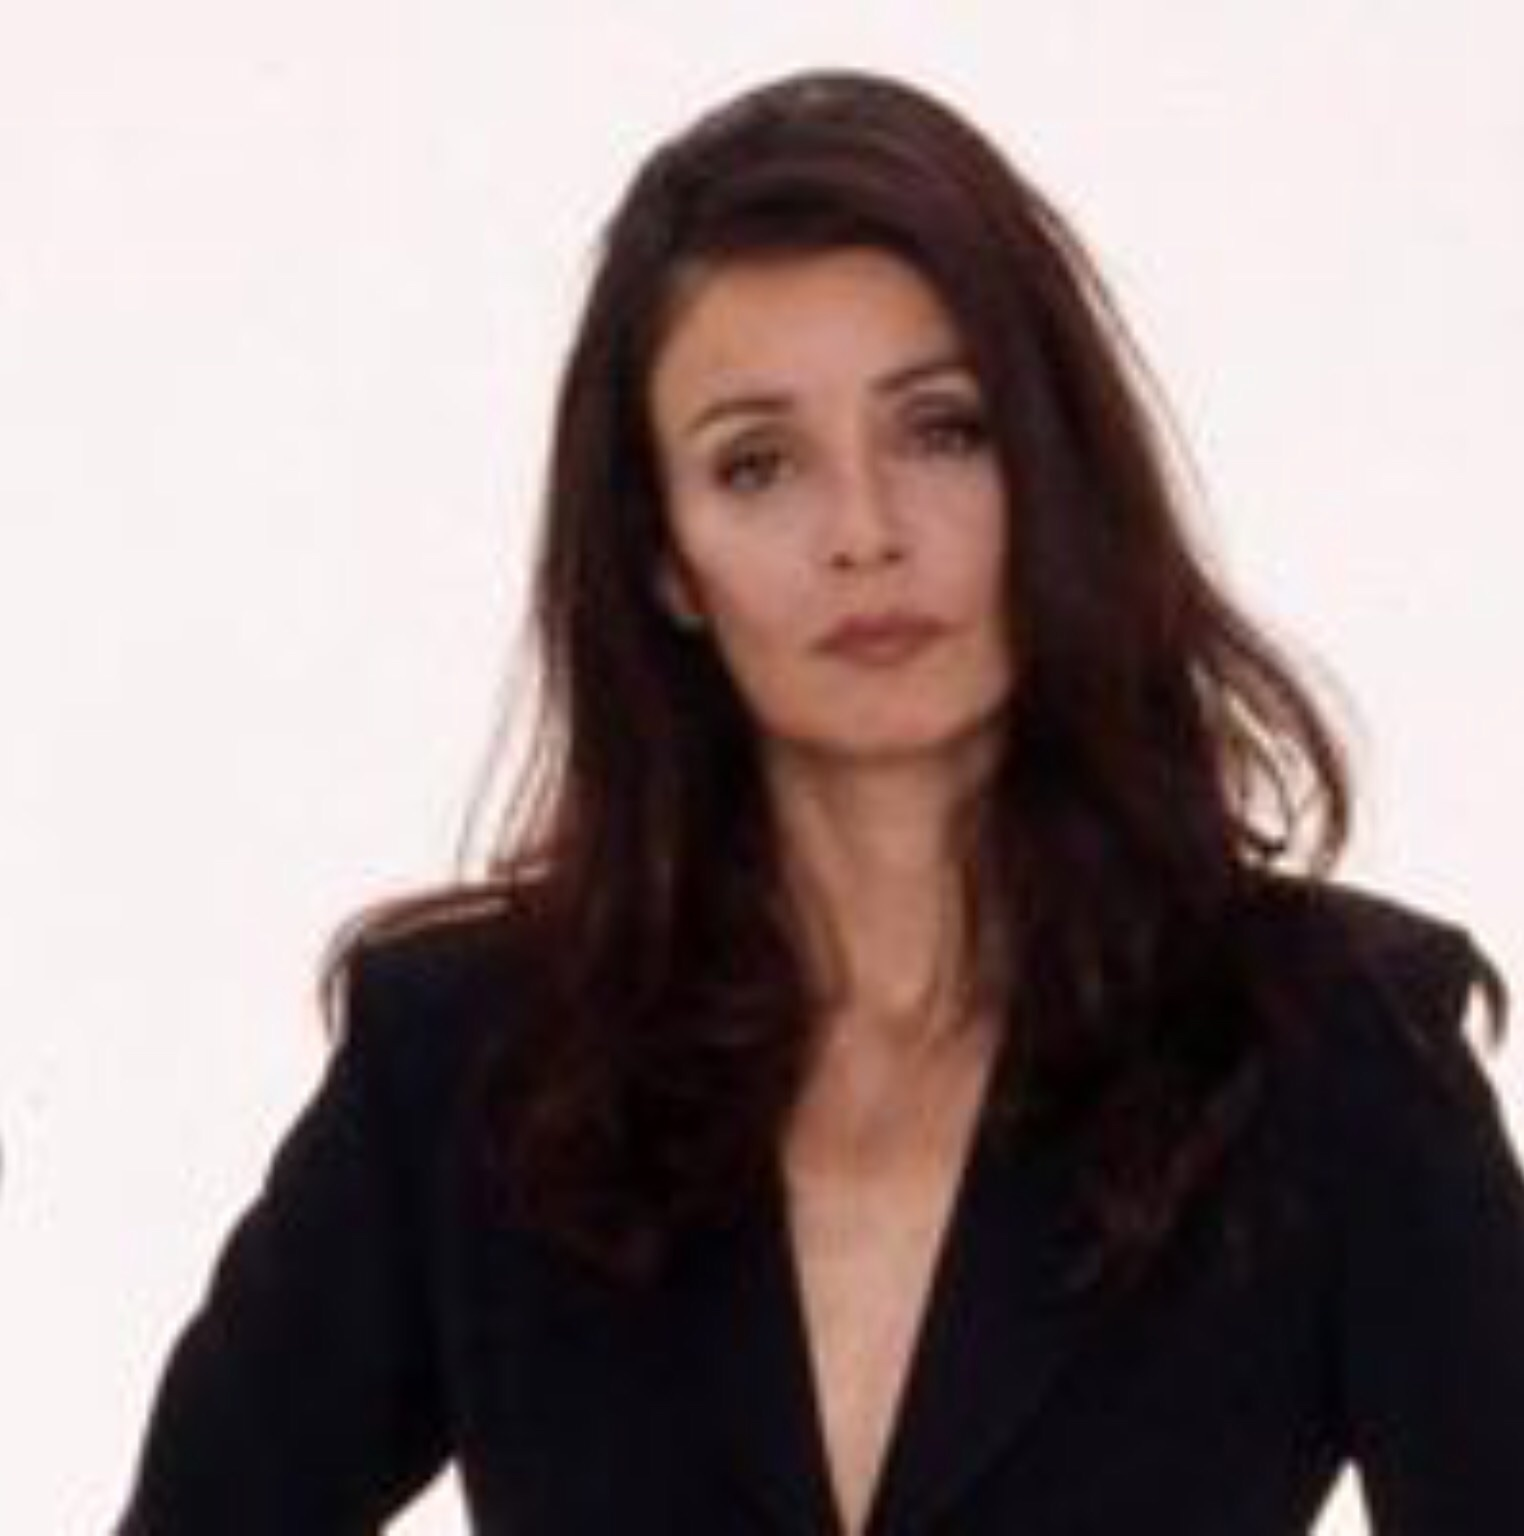 Amparo Muñoz at an event for Un paraíso bajo las estrellas (2000)